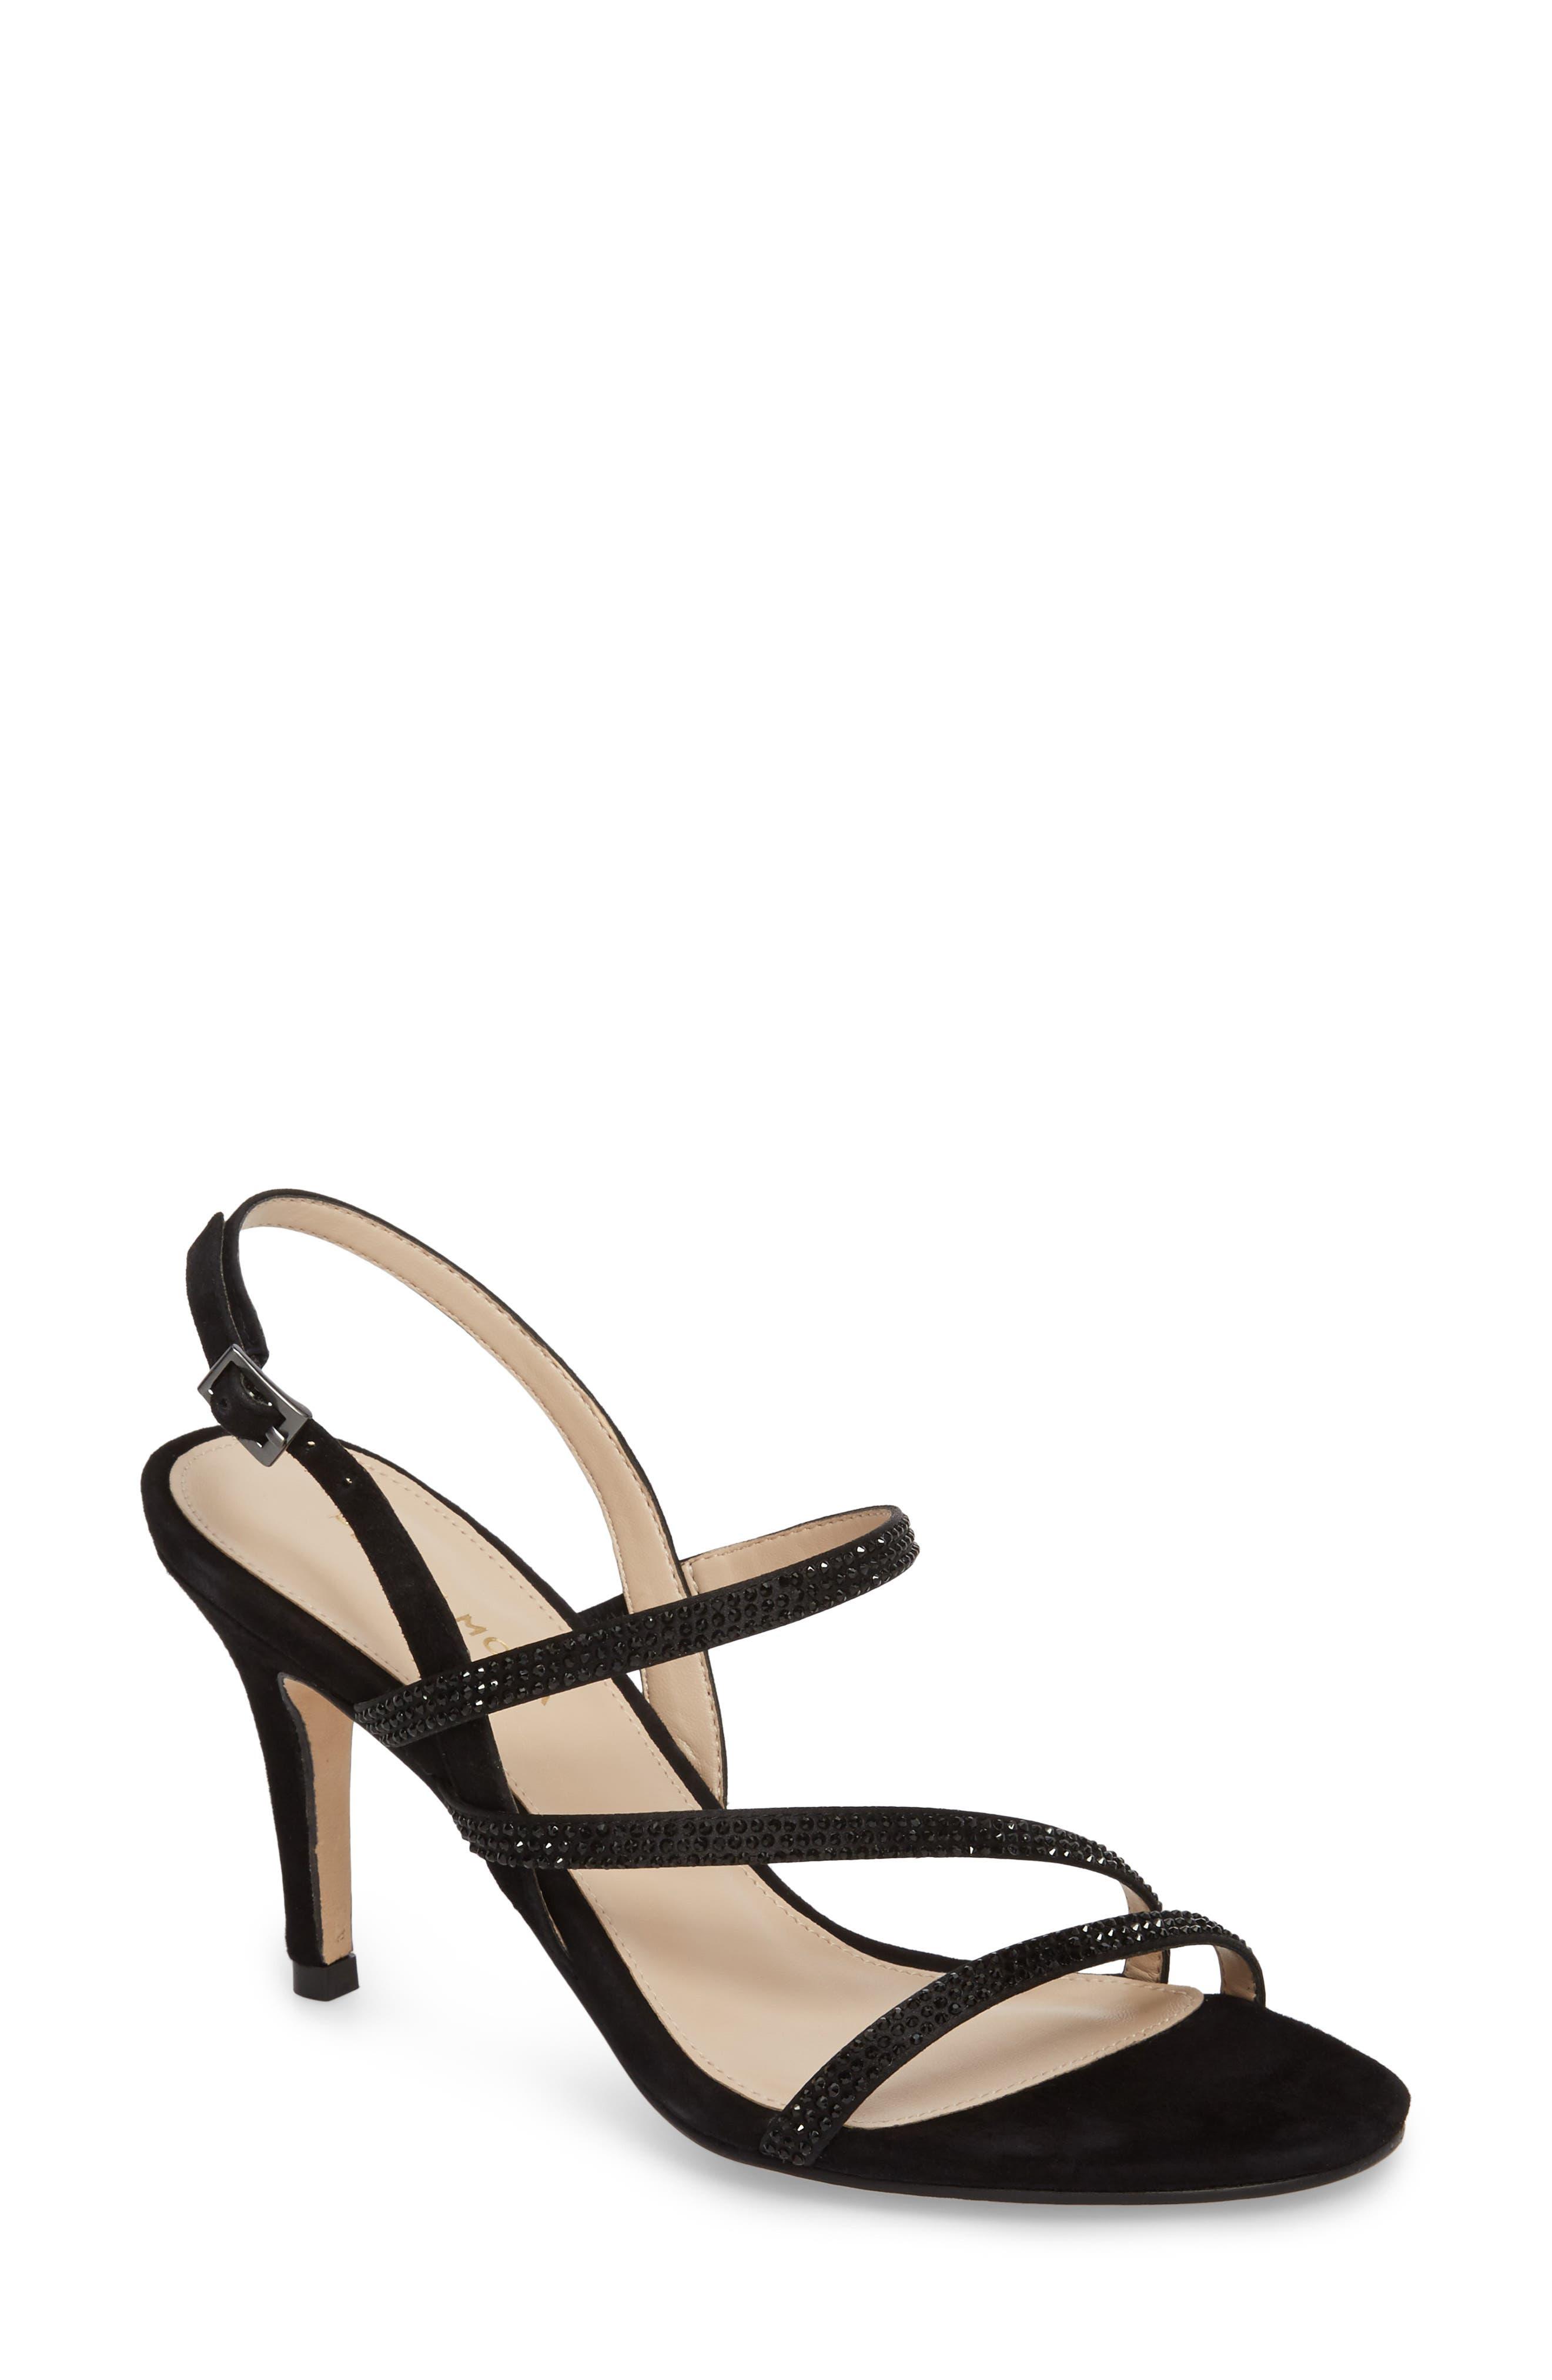 Alternate Image 1 Selected - Pelle Moda Ruma Sandal (Women)